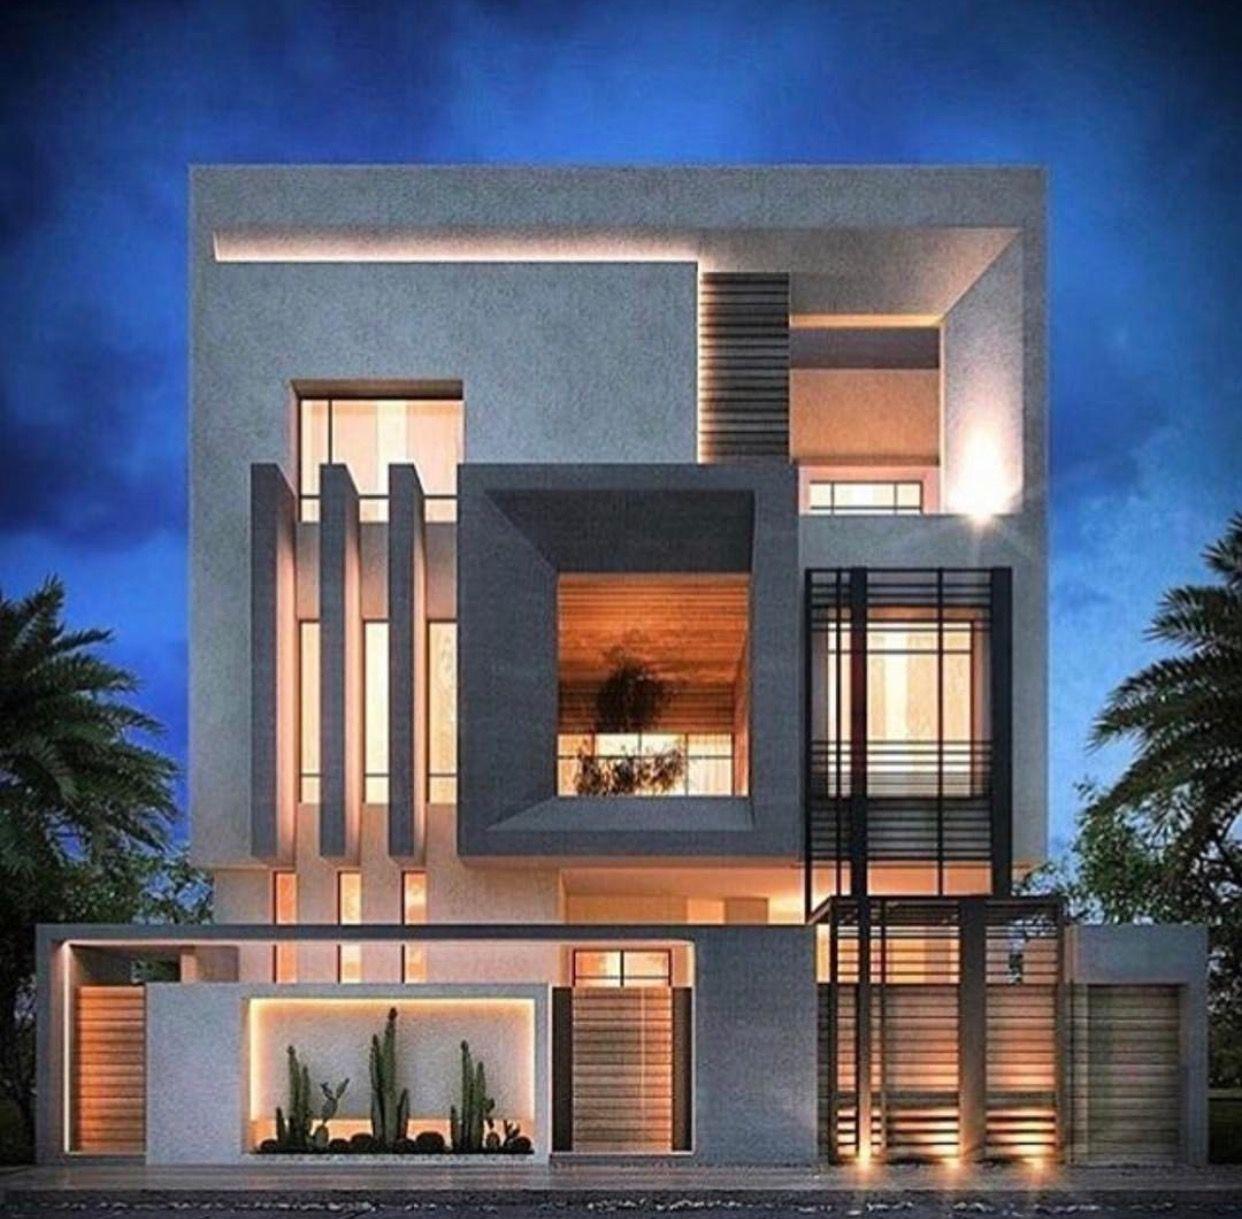 Tres Niveles Fachadas De Casas Modernas Arquitectura Casas Casas